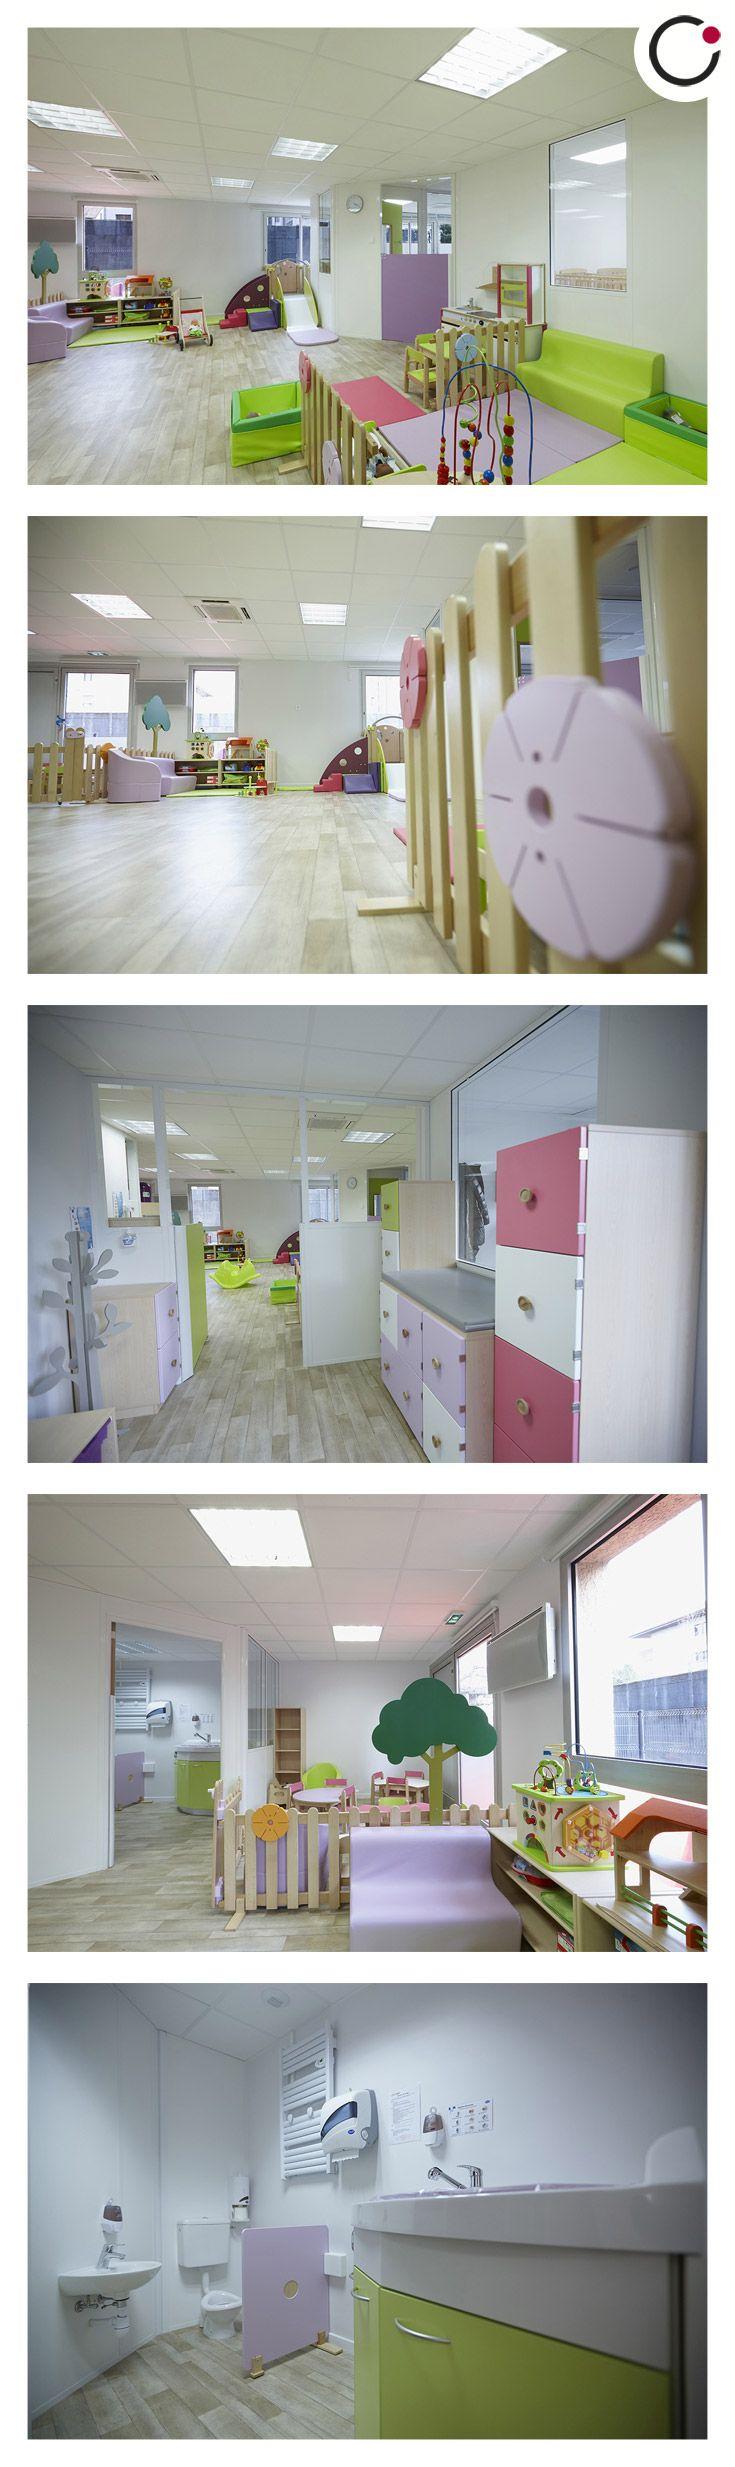 Projet Du0027Architecture Du0027Intérieur Pour Une Crèche à Annecy. Aménagement Du0027